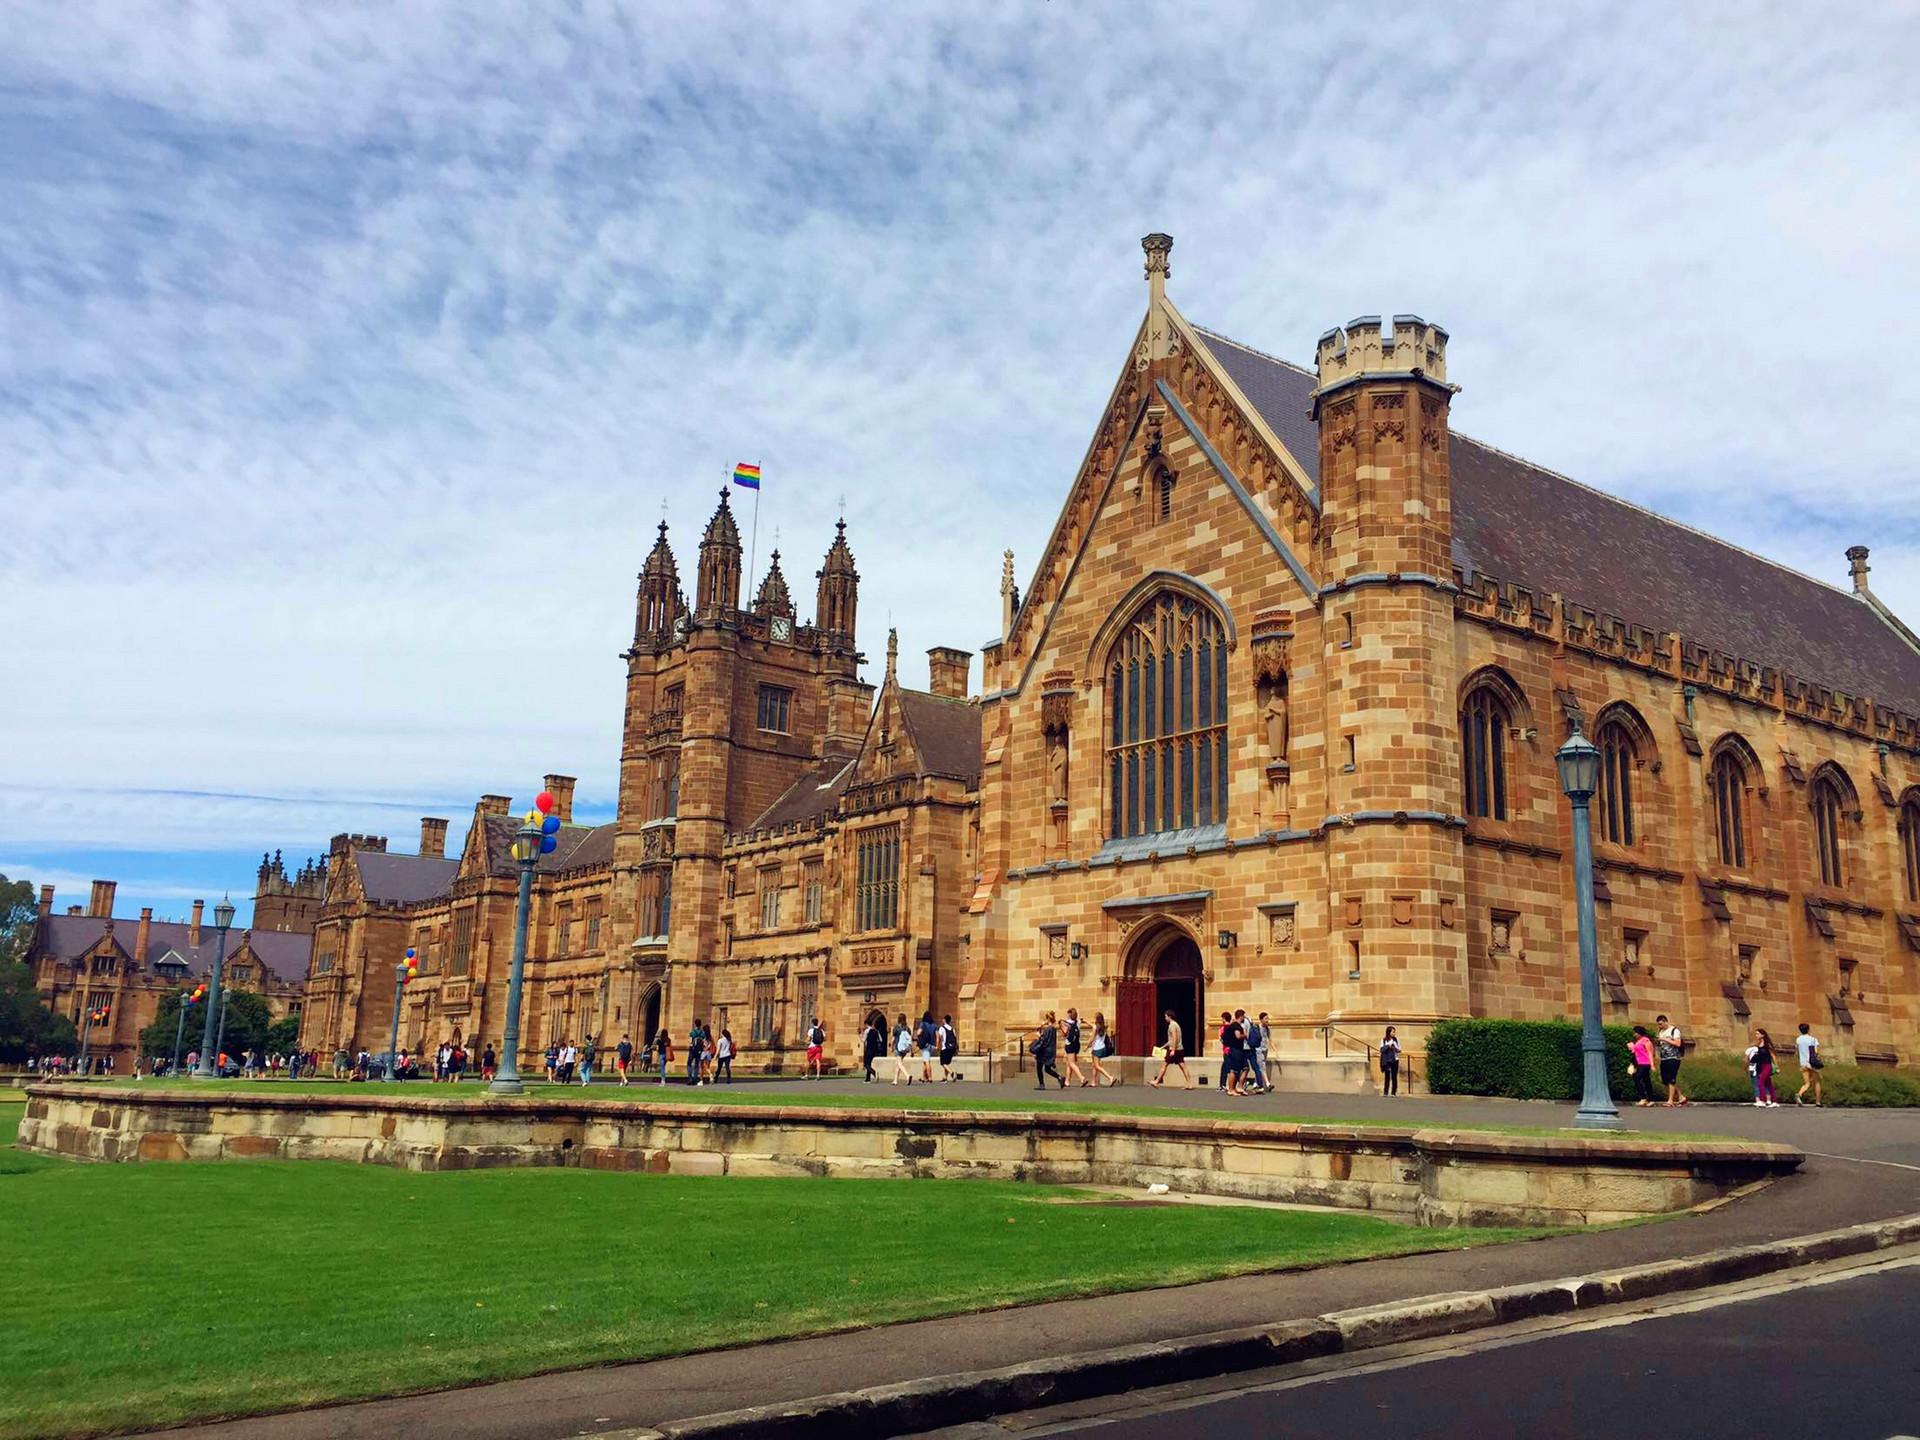 澳洲本科留学申请条件有哪些?你满足了吗?